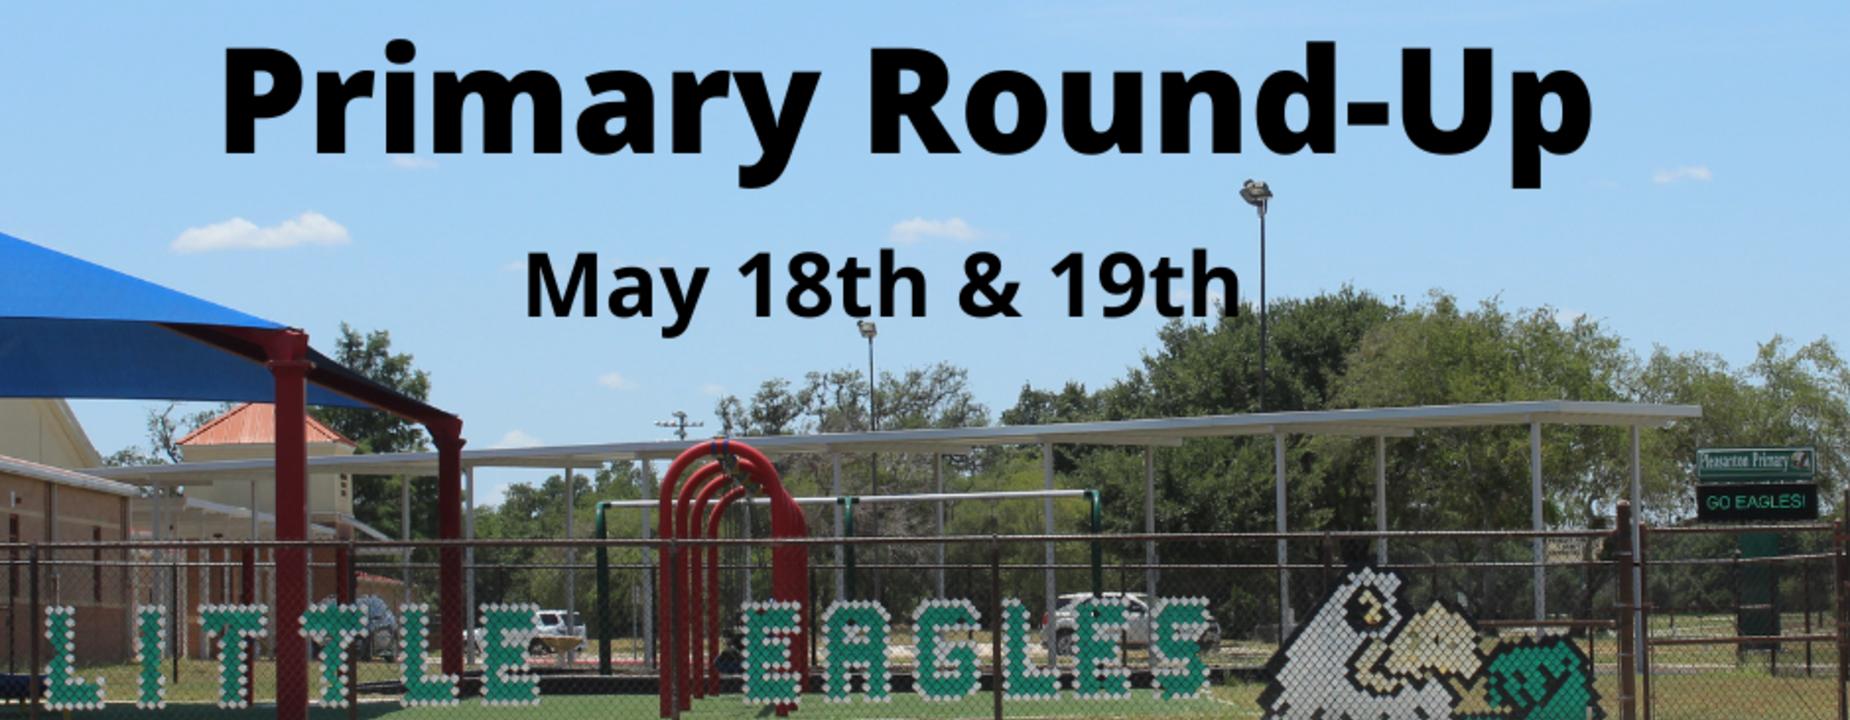 Primary Roundup